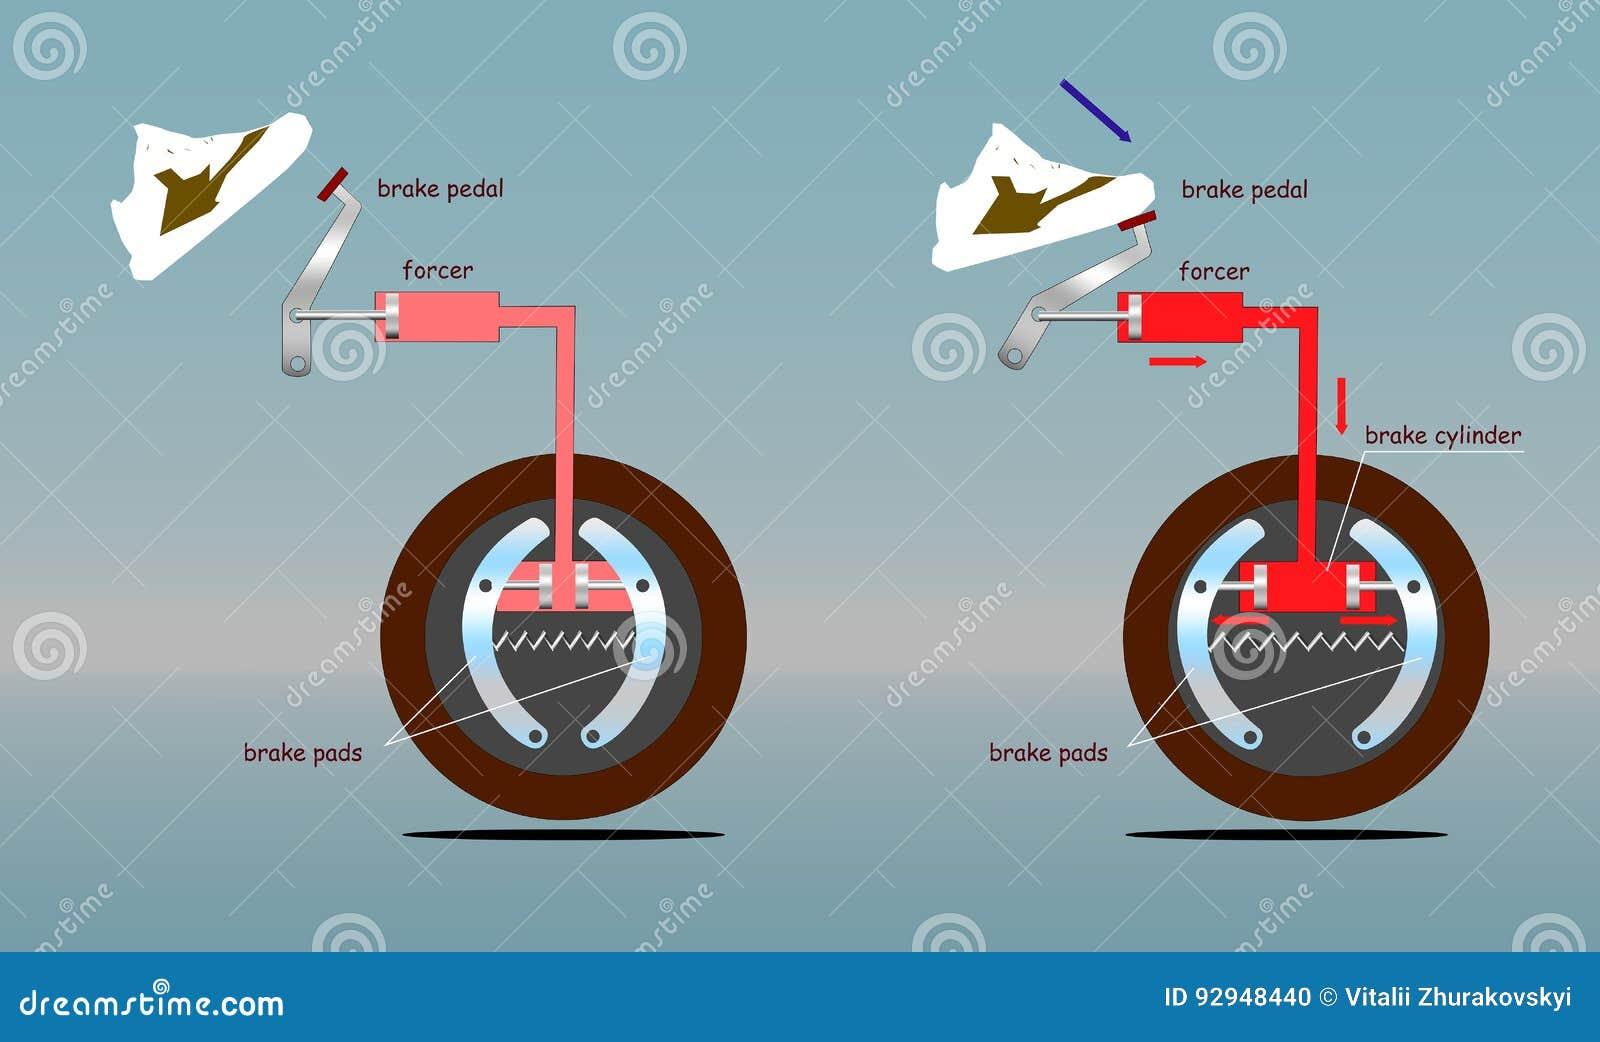 Sistema de freio do carro antes e depois do impulso no pedal